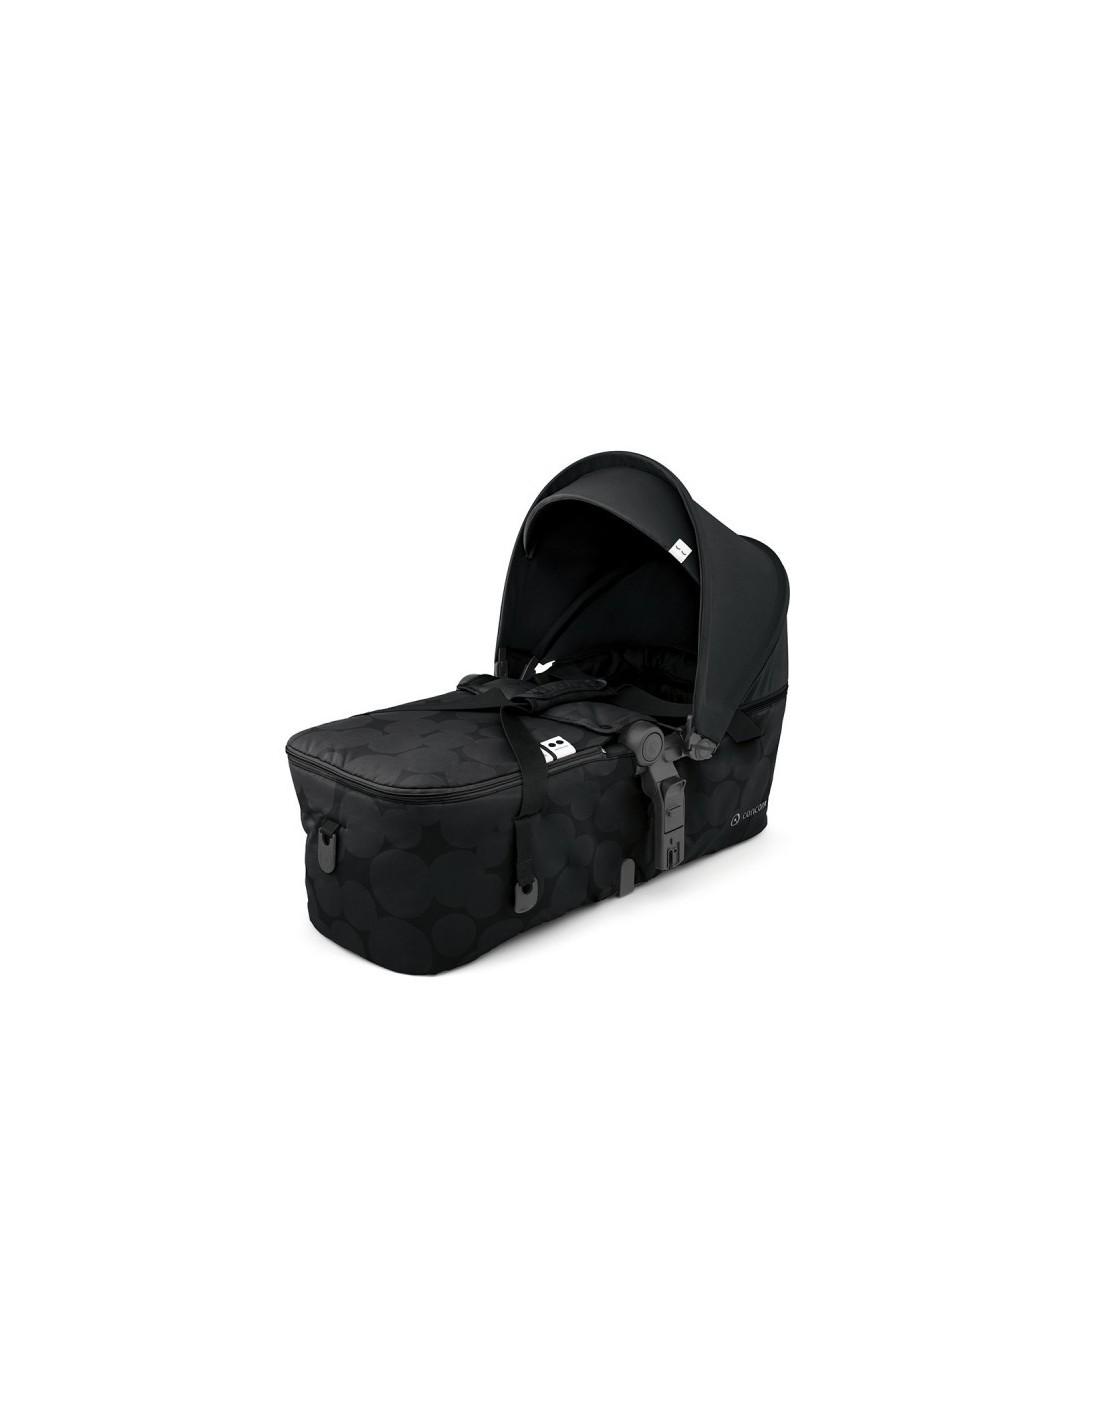 Silla de auto kidfix ii xp r mer grupo 2 3 sillas de auto nou mesos - Sillas grupo 2 3 mas seguras ...